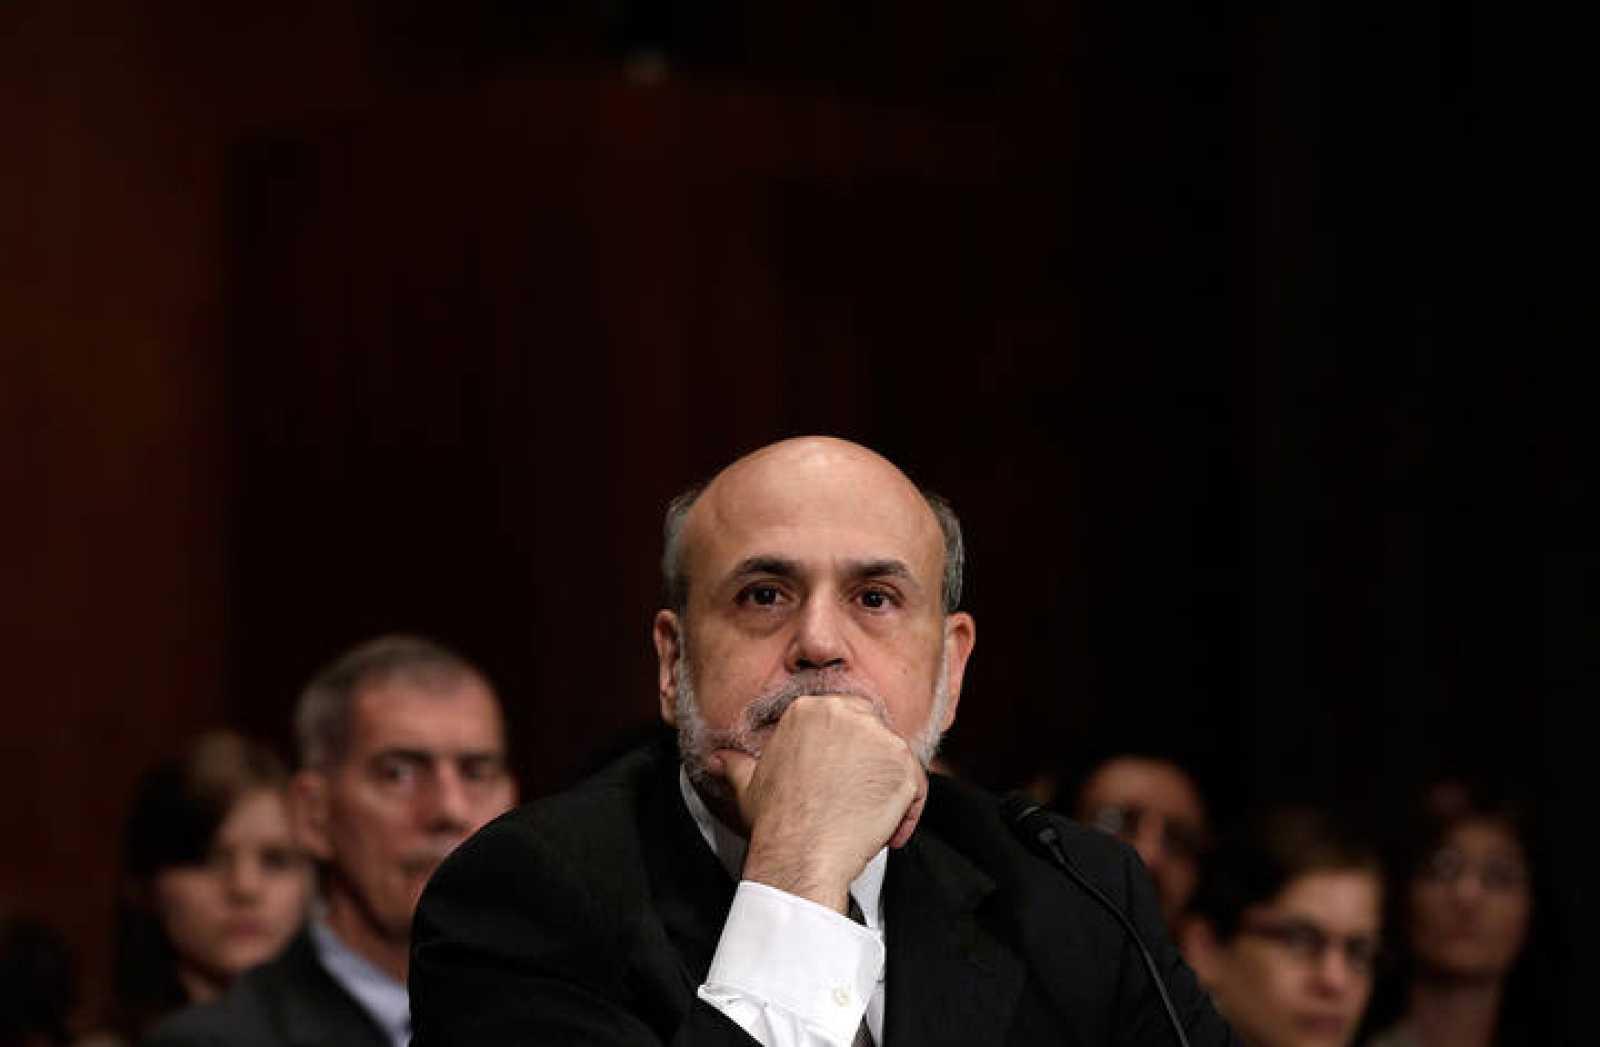 El presidente de la Reserva Federal Ben Bernanke en el Senado